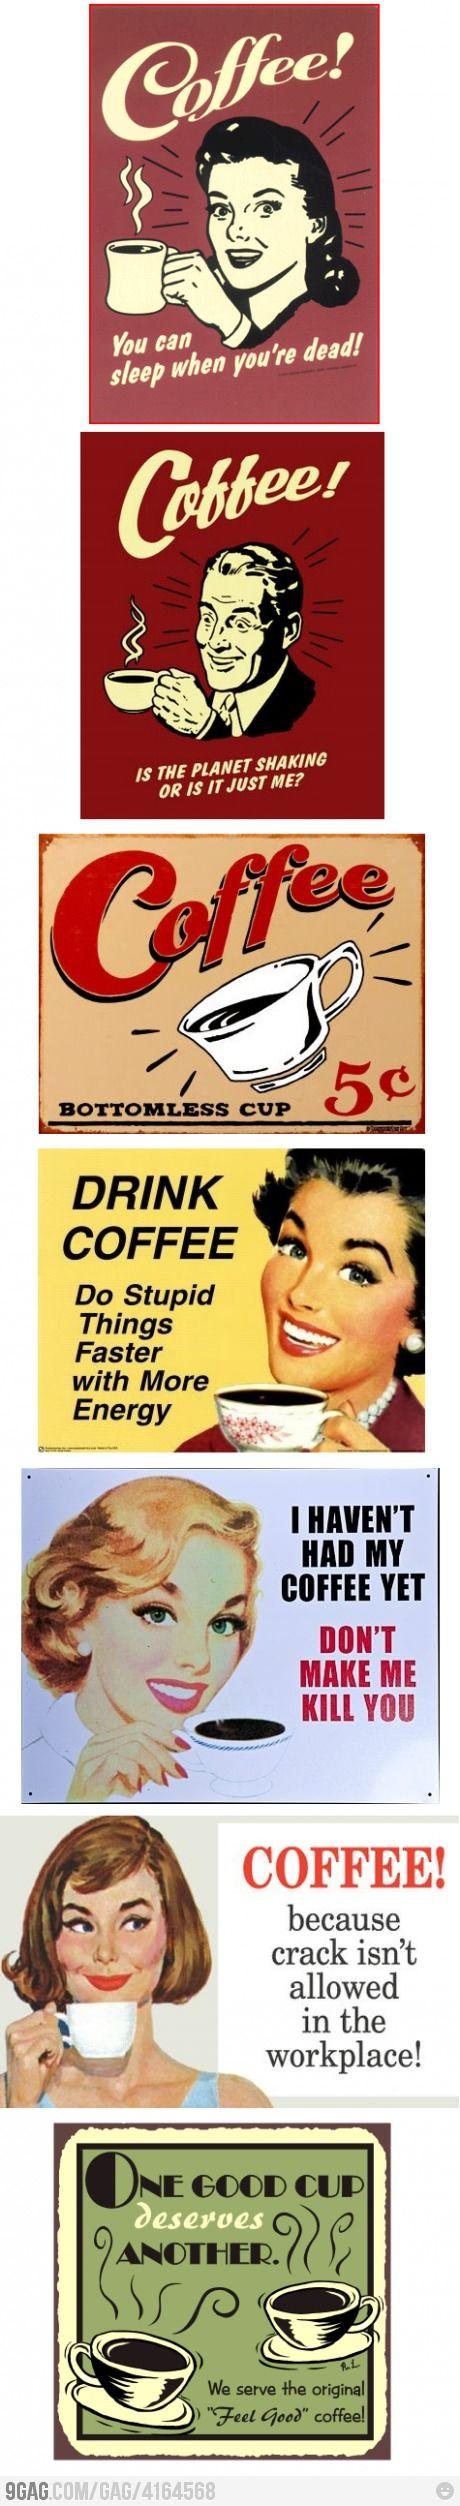 coffeeeeee: